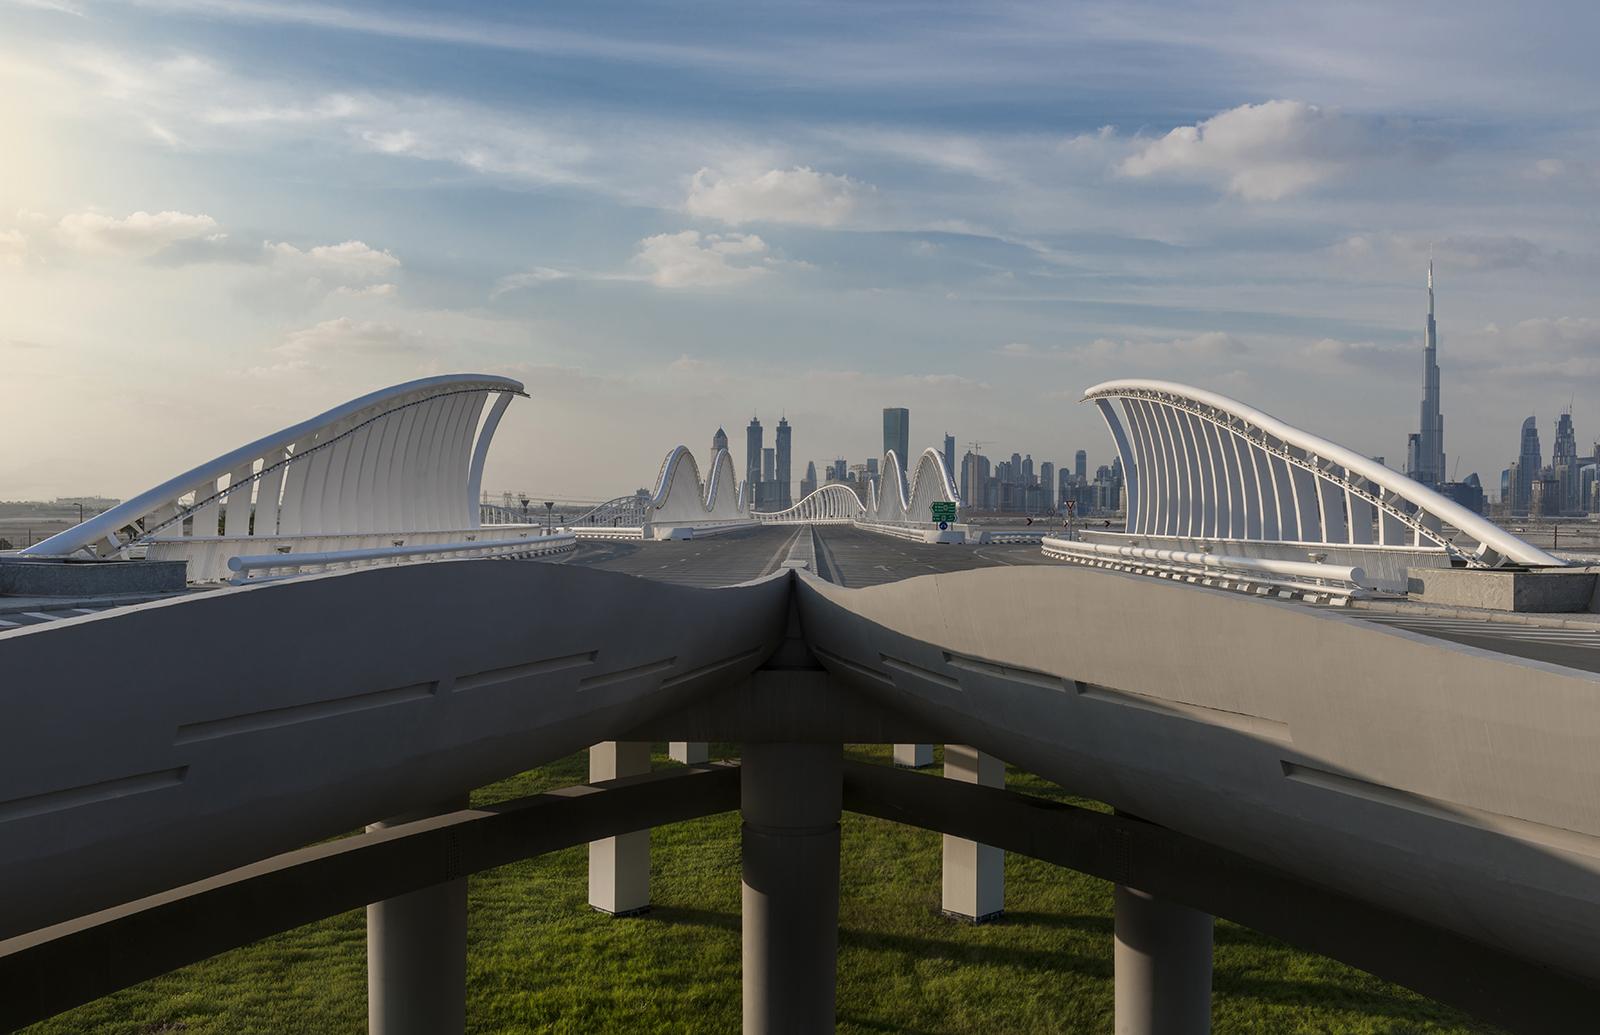 Al Meydan bridge